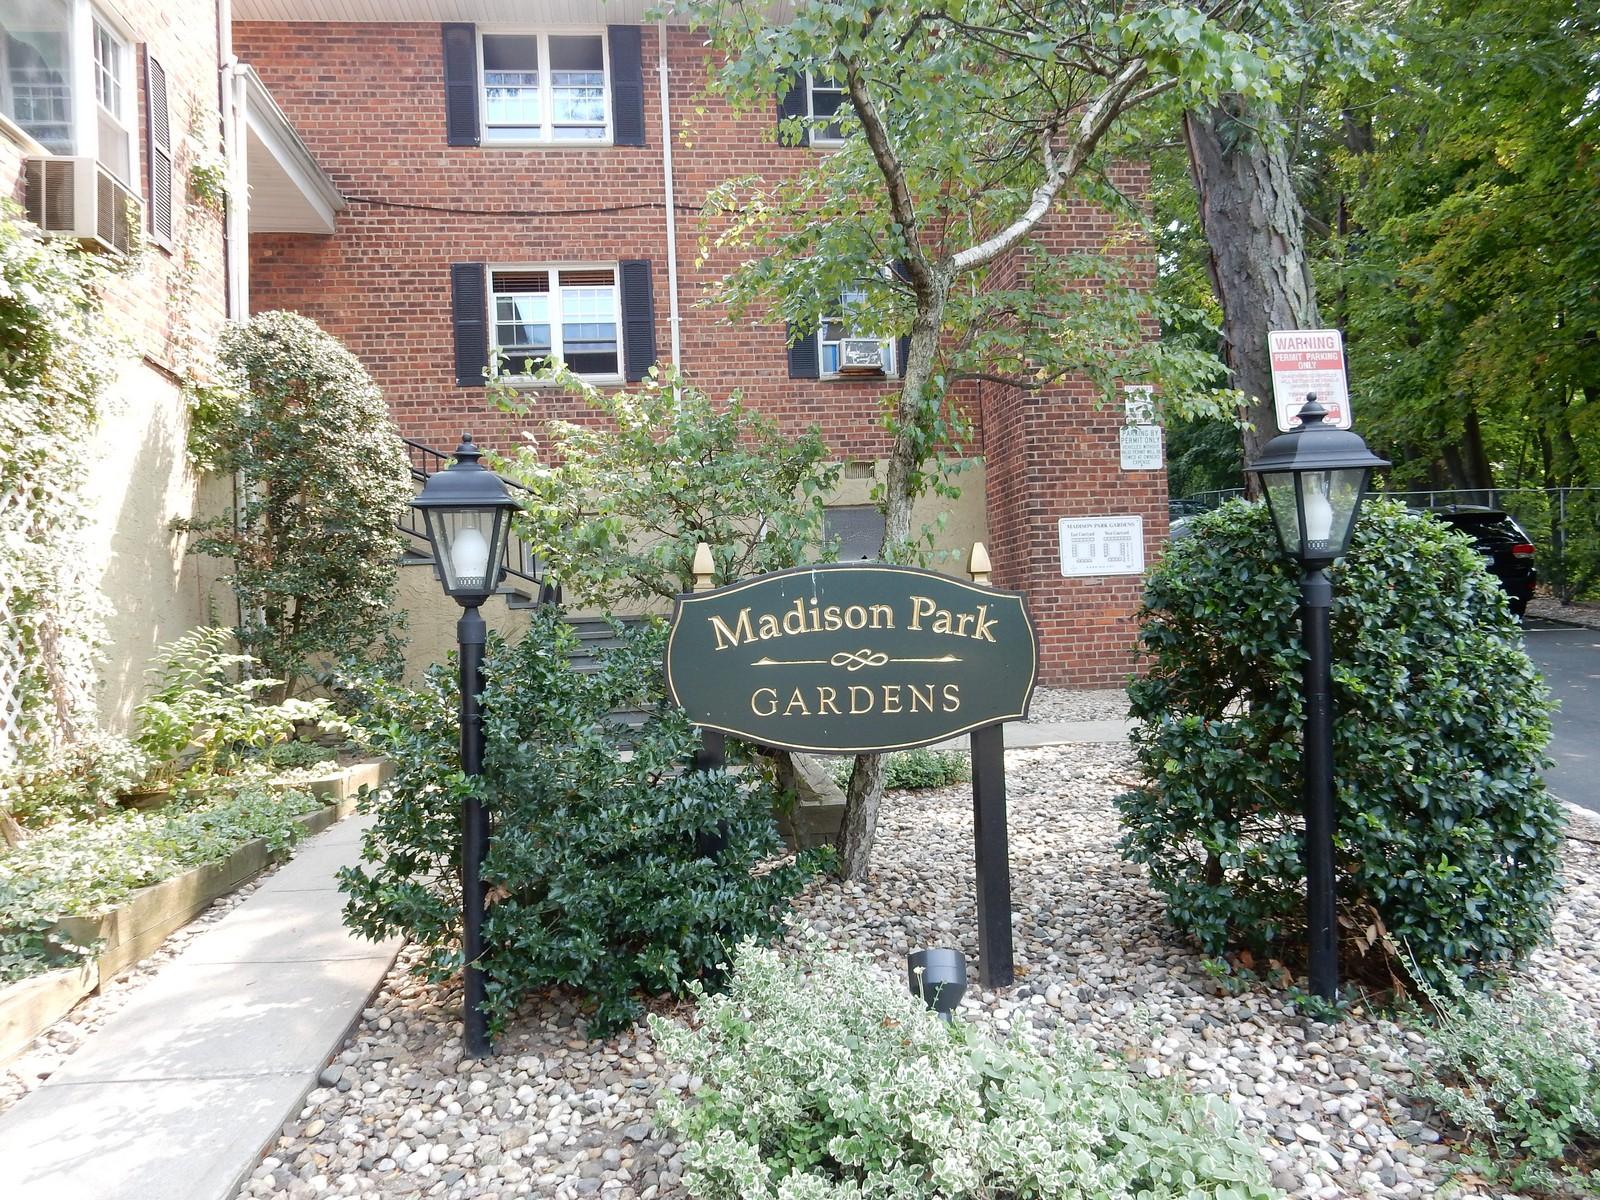 Apartamento para Venda às Co-Op 27L Madison Park Gdns 1 Port Washington, Nova York 11050 Estados Unidos